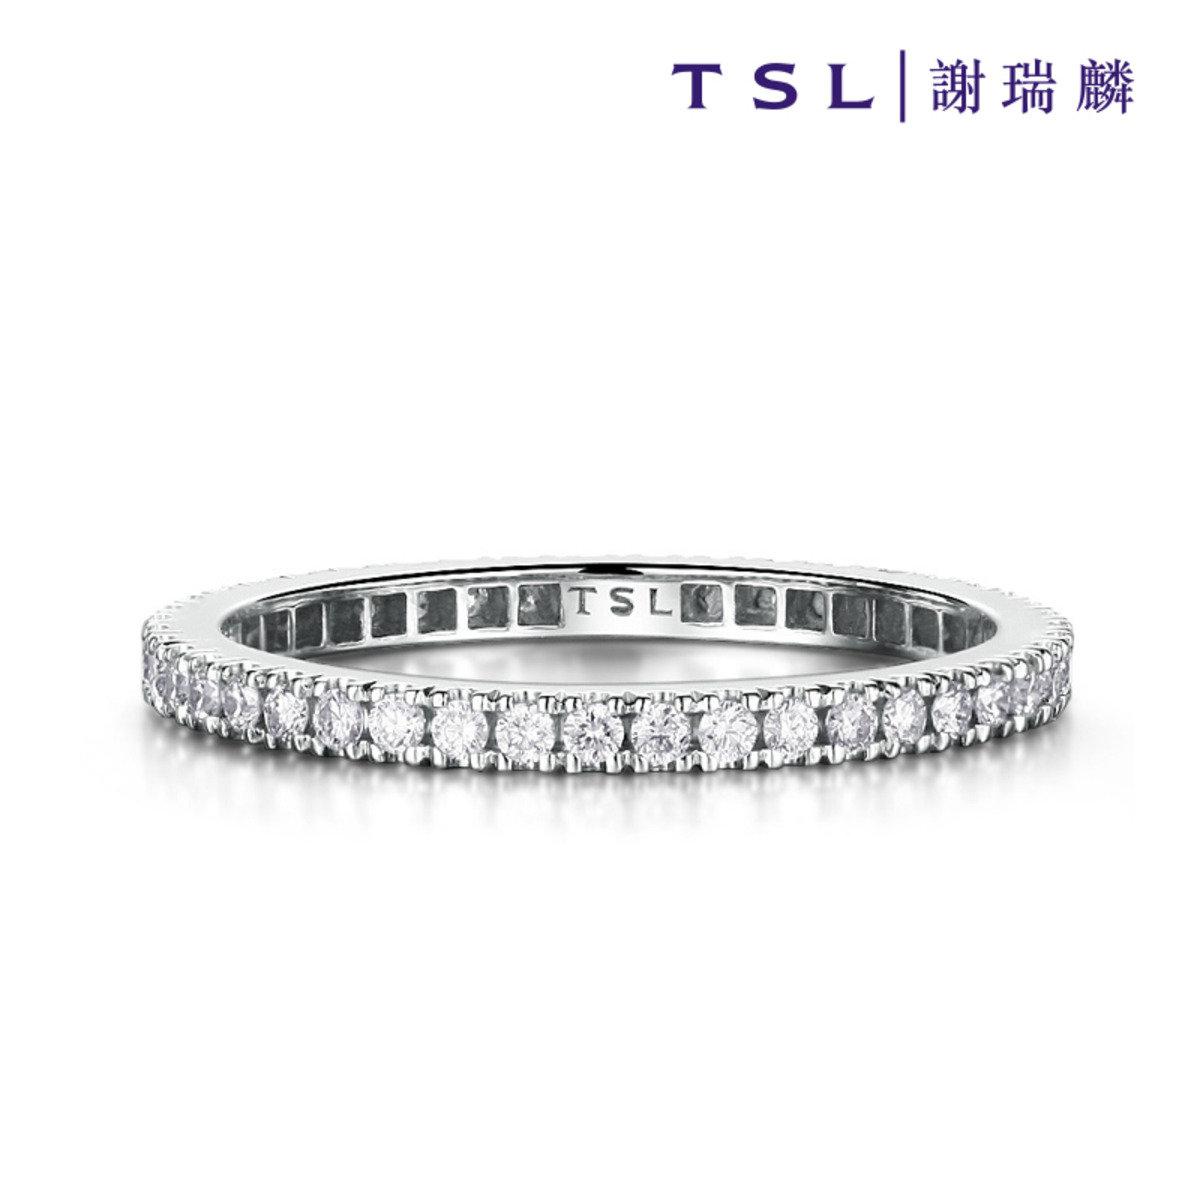 [指語 - 簡約線條系列] 750/18K白色黃金鑲天然鑽石戒指